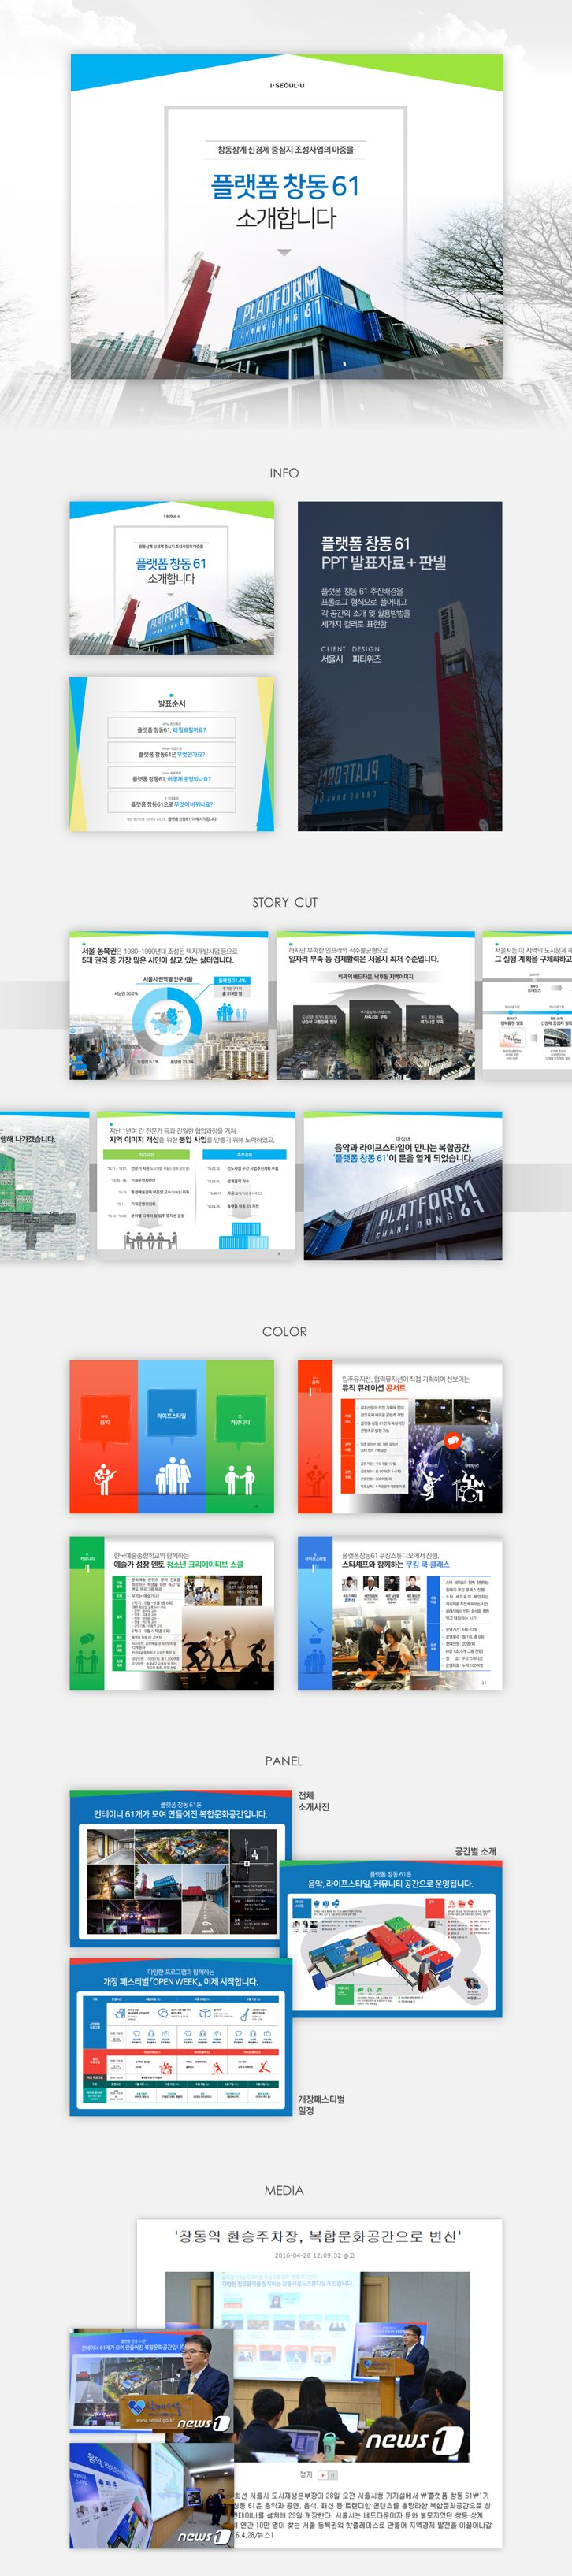 플랫폼 창동 61 Platform Changdong Seoul Introducing Presentation Design / by Ptwiz